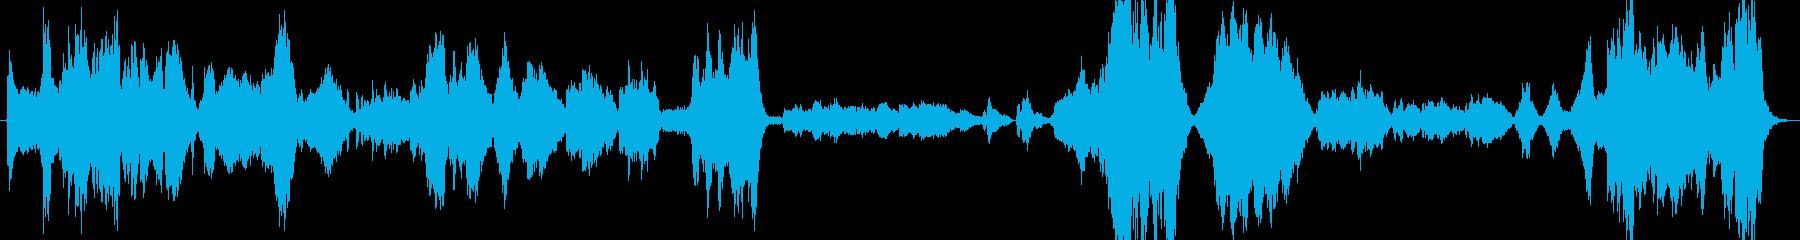 【オケ】アンボワーズ大通りの大脱走劇 の再生済みの波形